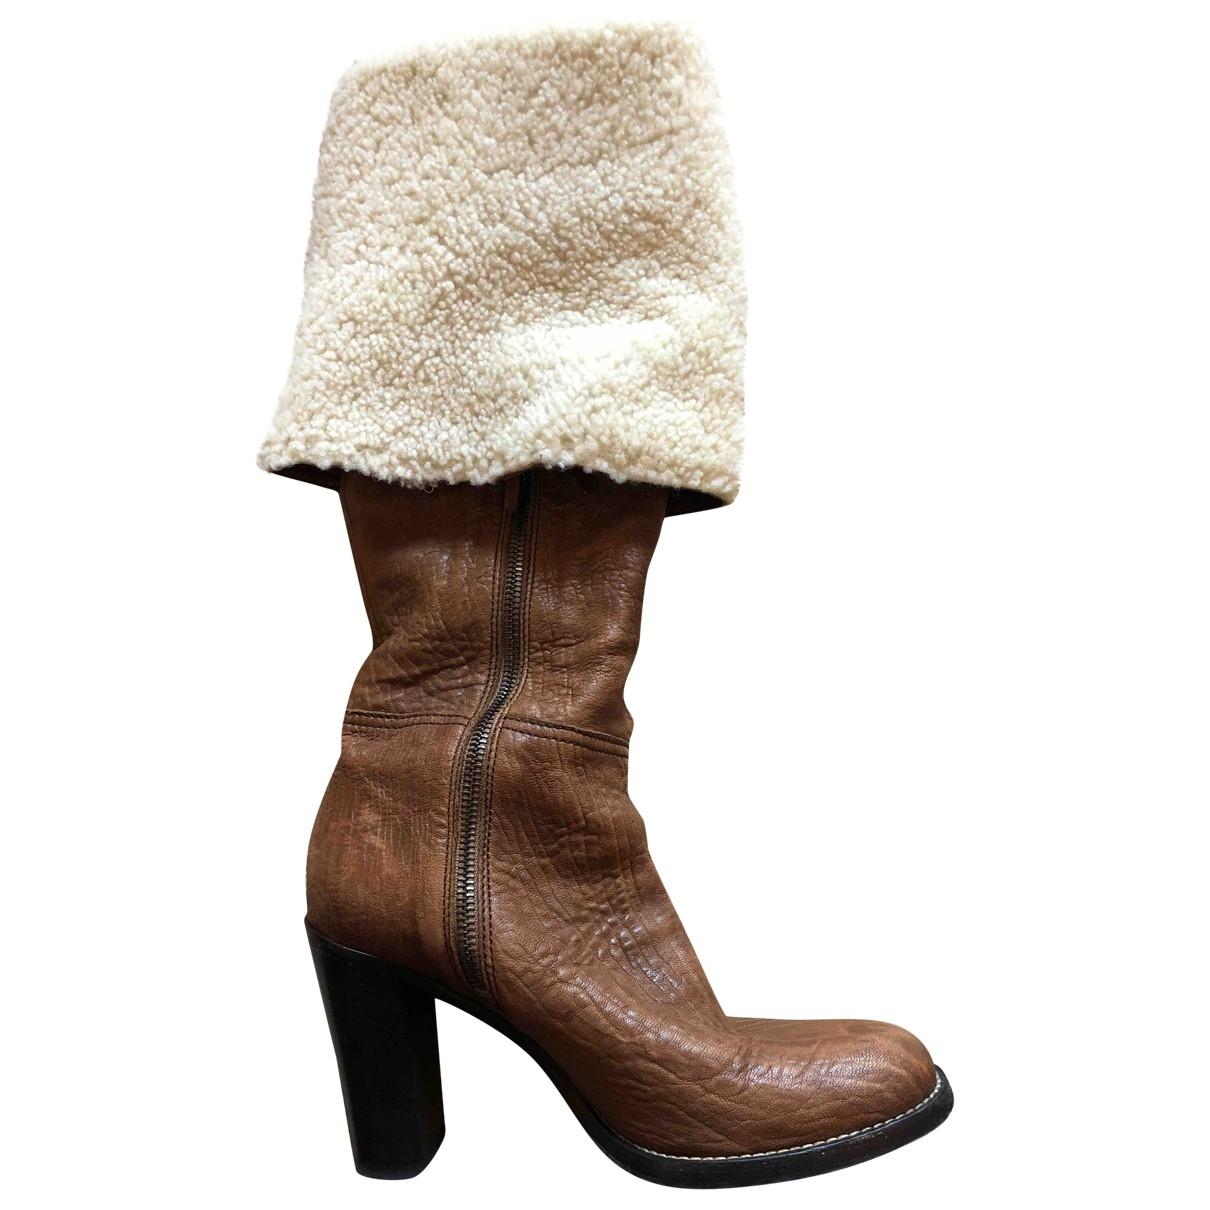 Miu Miu - Bottes   pour femme en cuir - marron